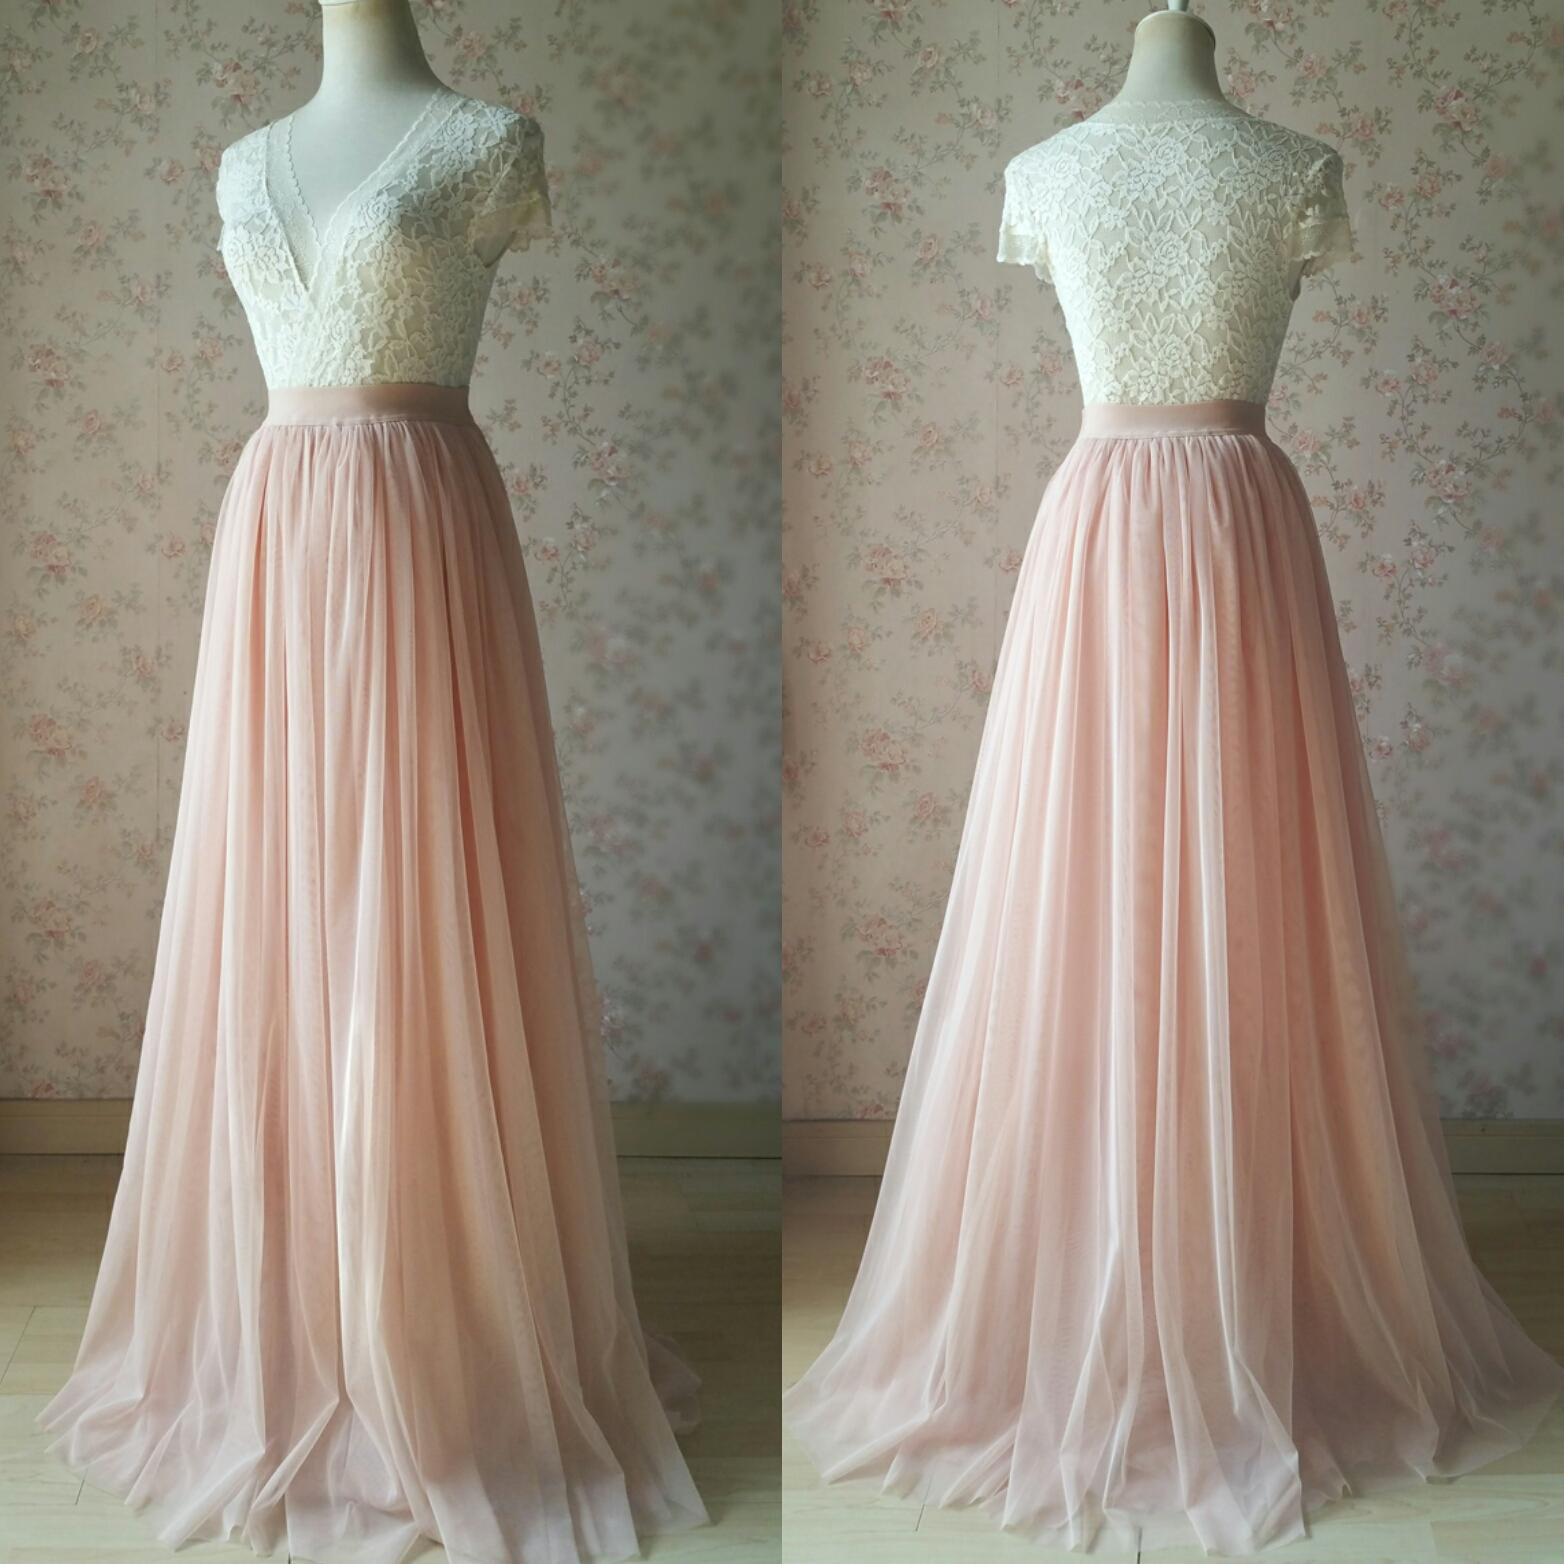 7defa707ae6e Blush Floor Length Tulle Skirt Blush Wedding Bridesmaid Tulle Skirt Photo  Shoot